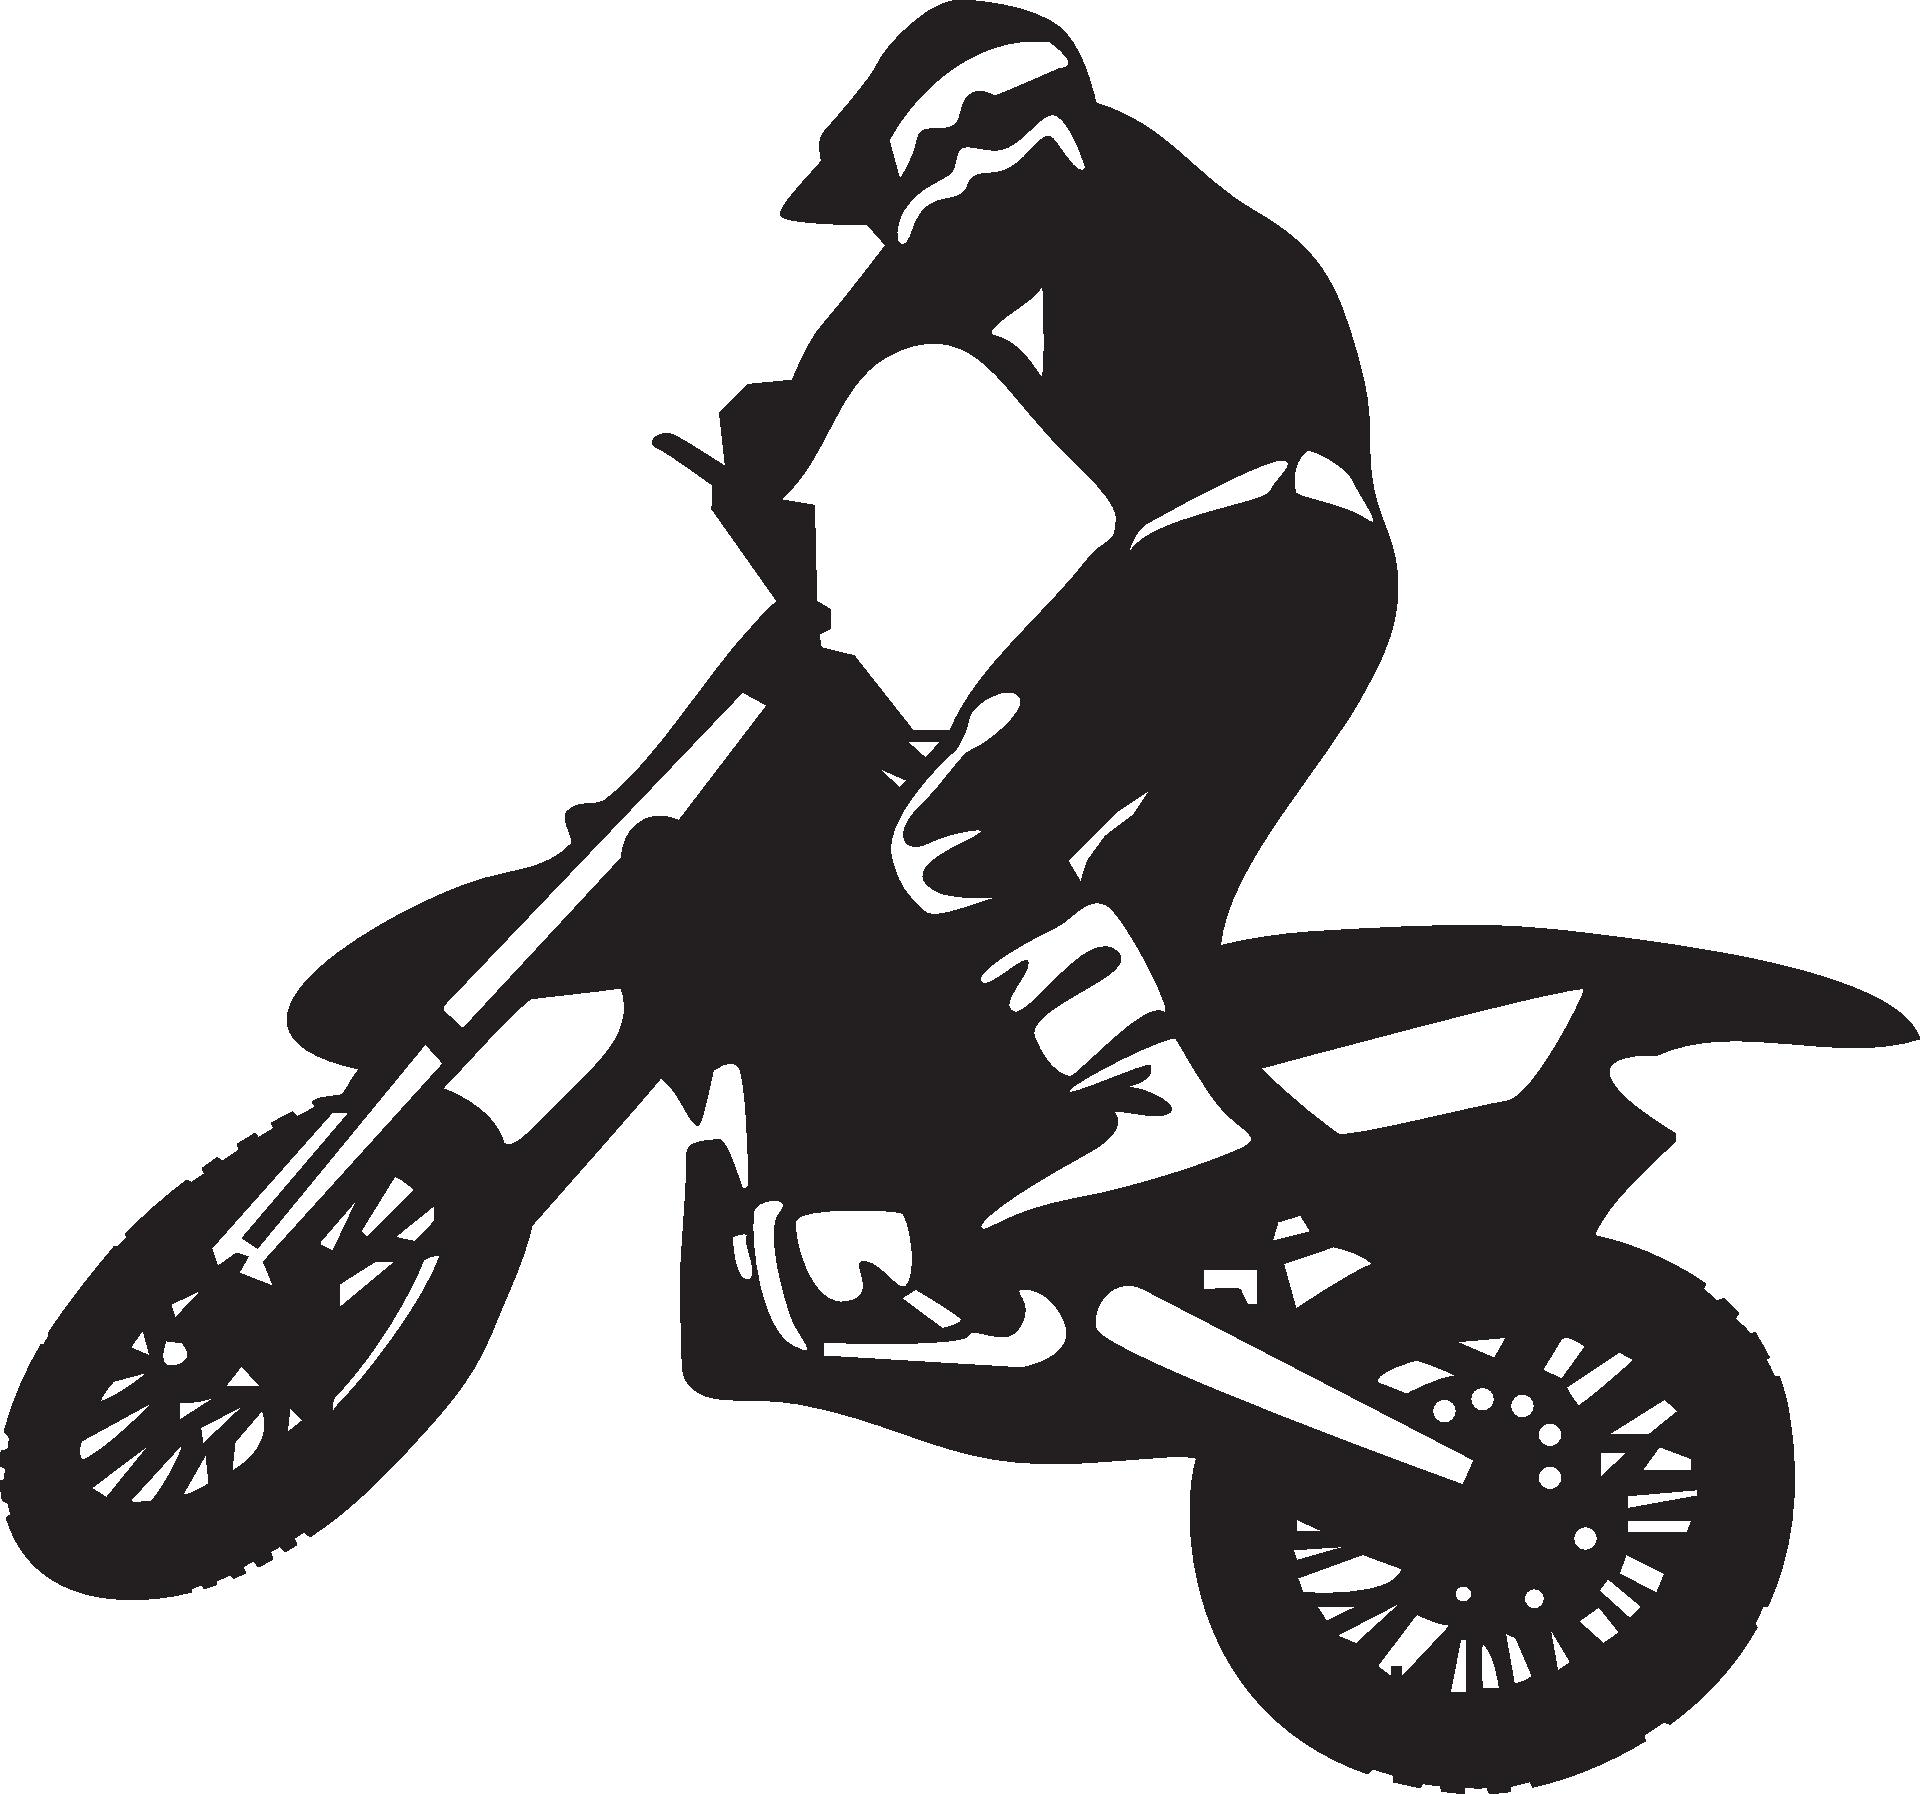 Motorcycle Helmets Motocross Dirt Bike Dirt track racing.